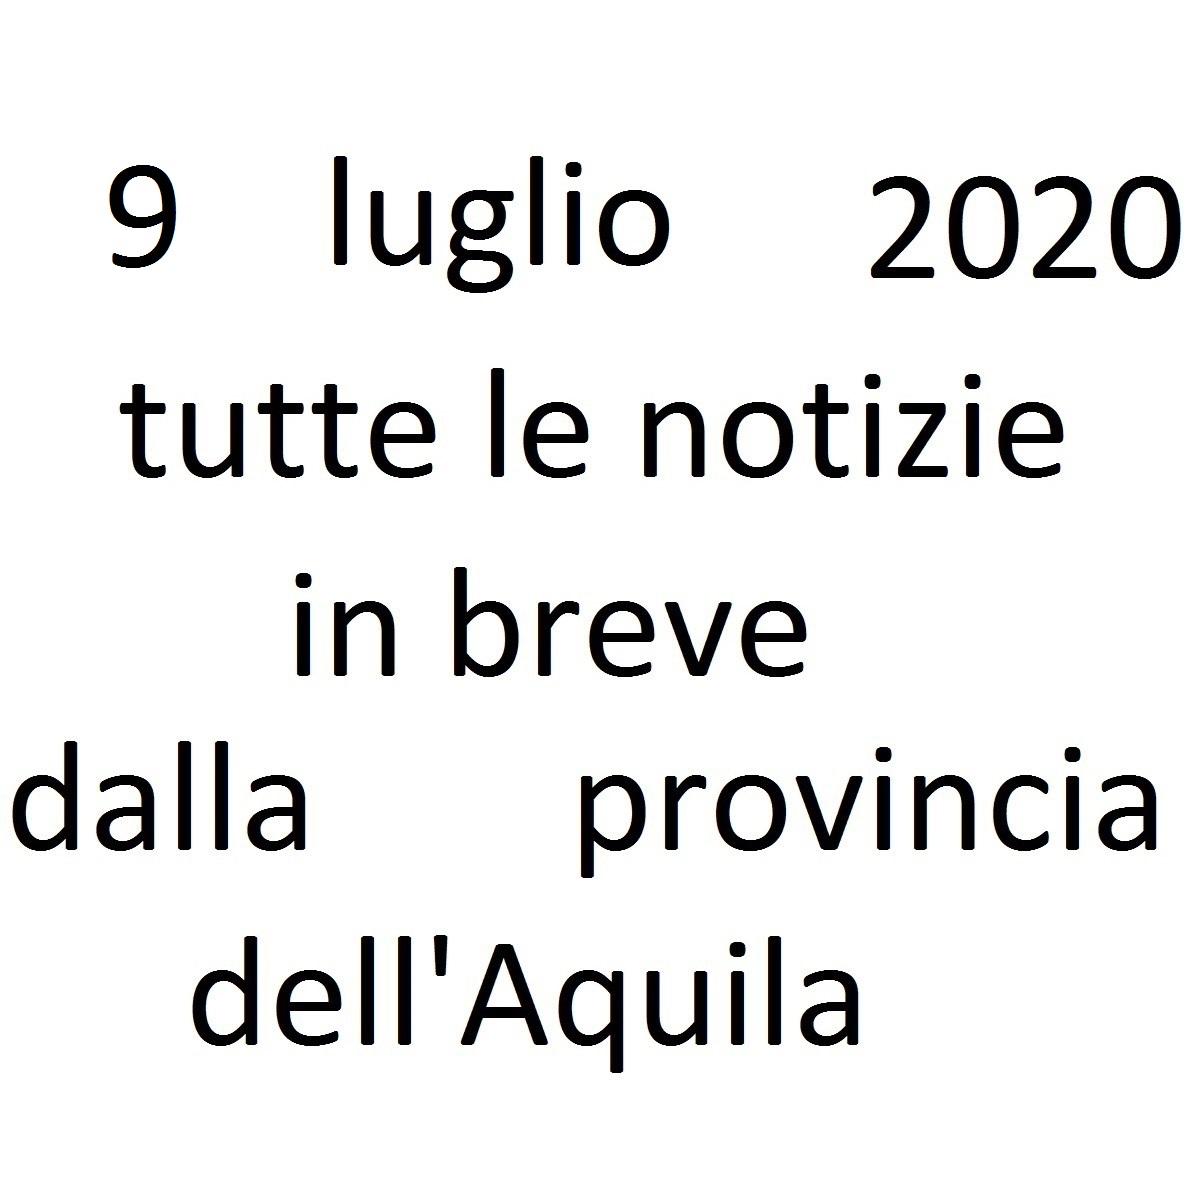 9 luglio 2020 notizie in breve dalla Provincia dell'Aquila foto